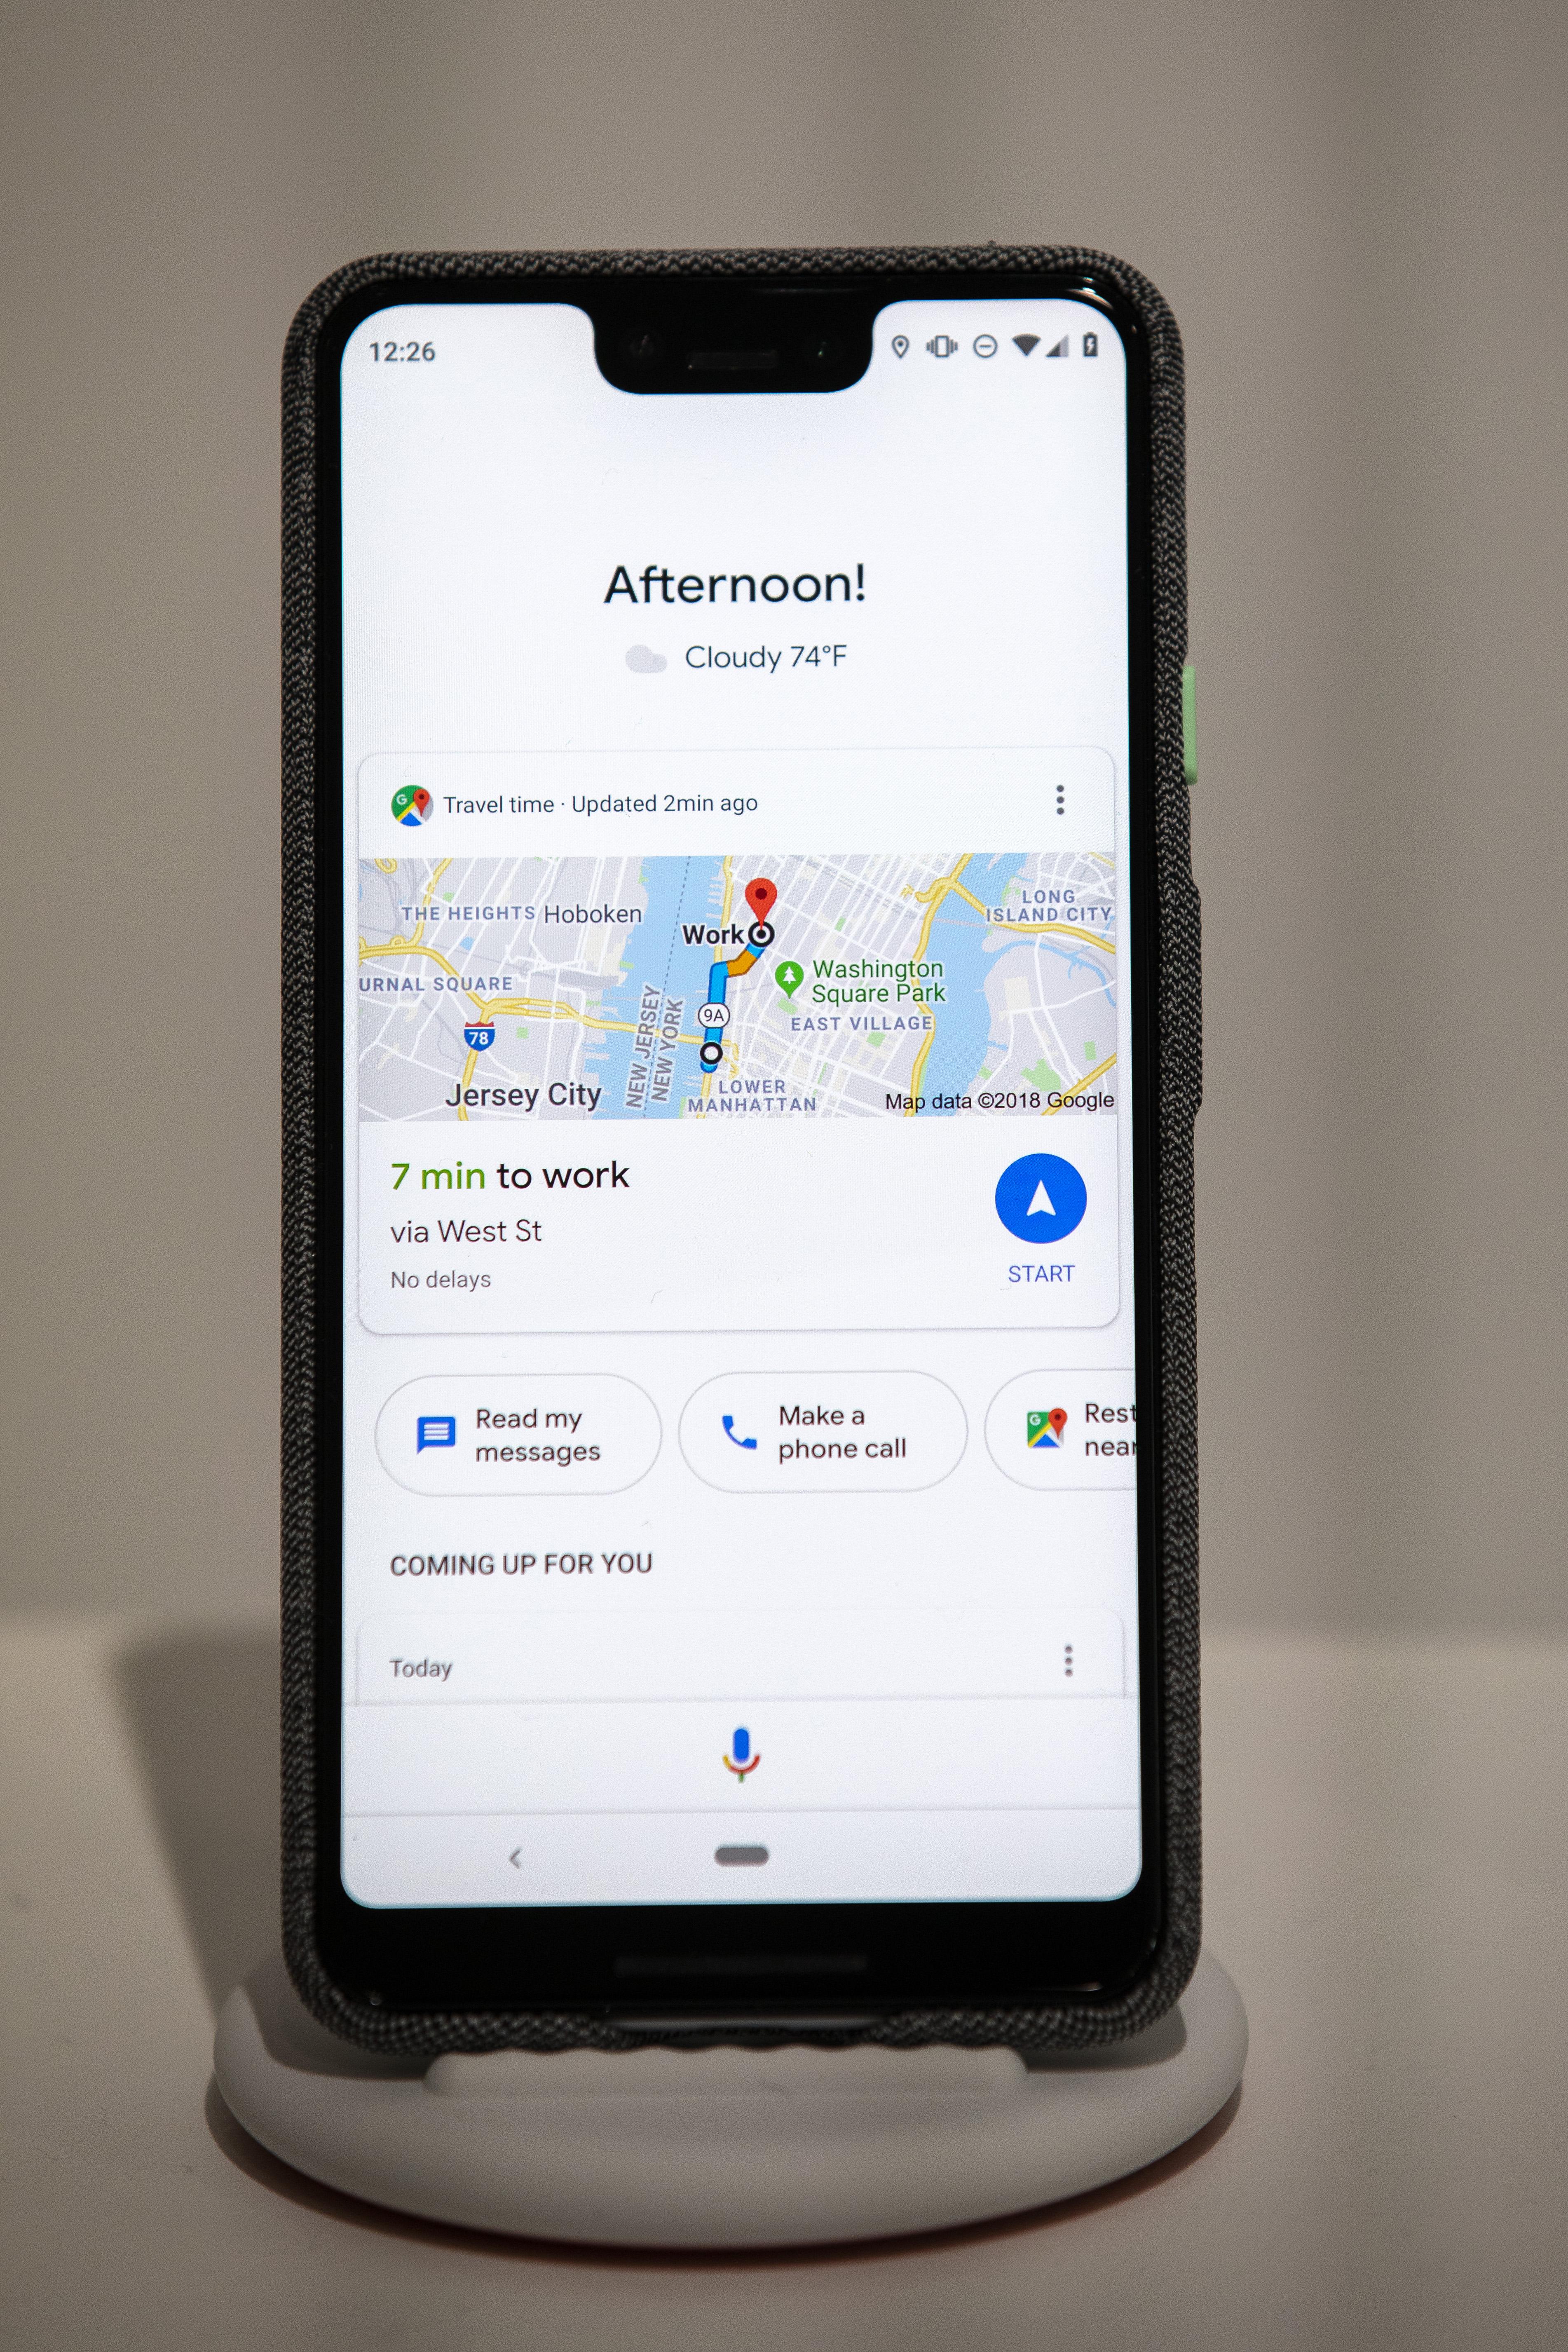 Una imagen del teléfono inteligente Google Pixel 3 XL que muestra tareas como hora de trabajar leer mis mensajes y más